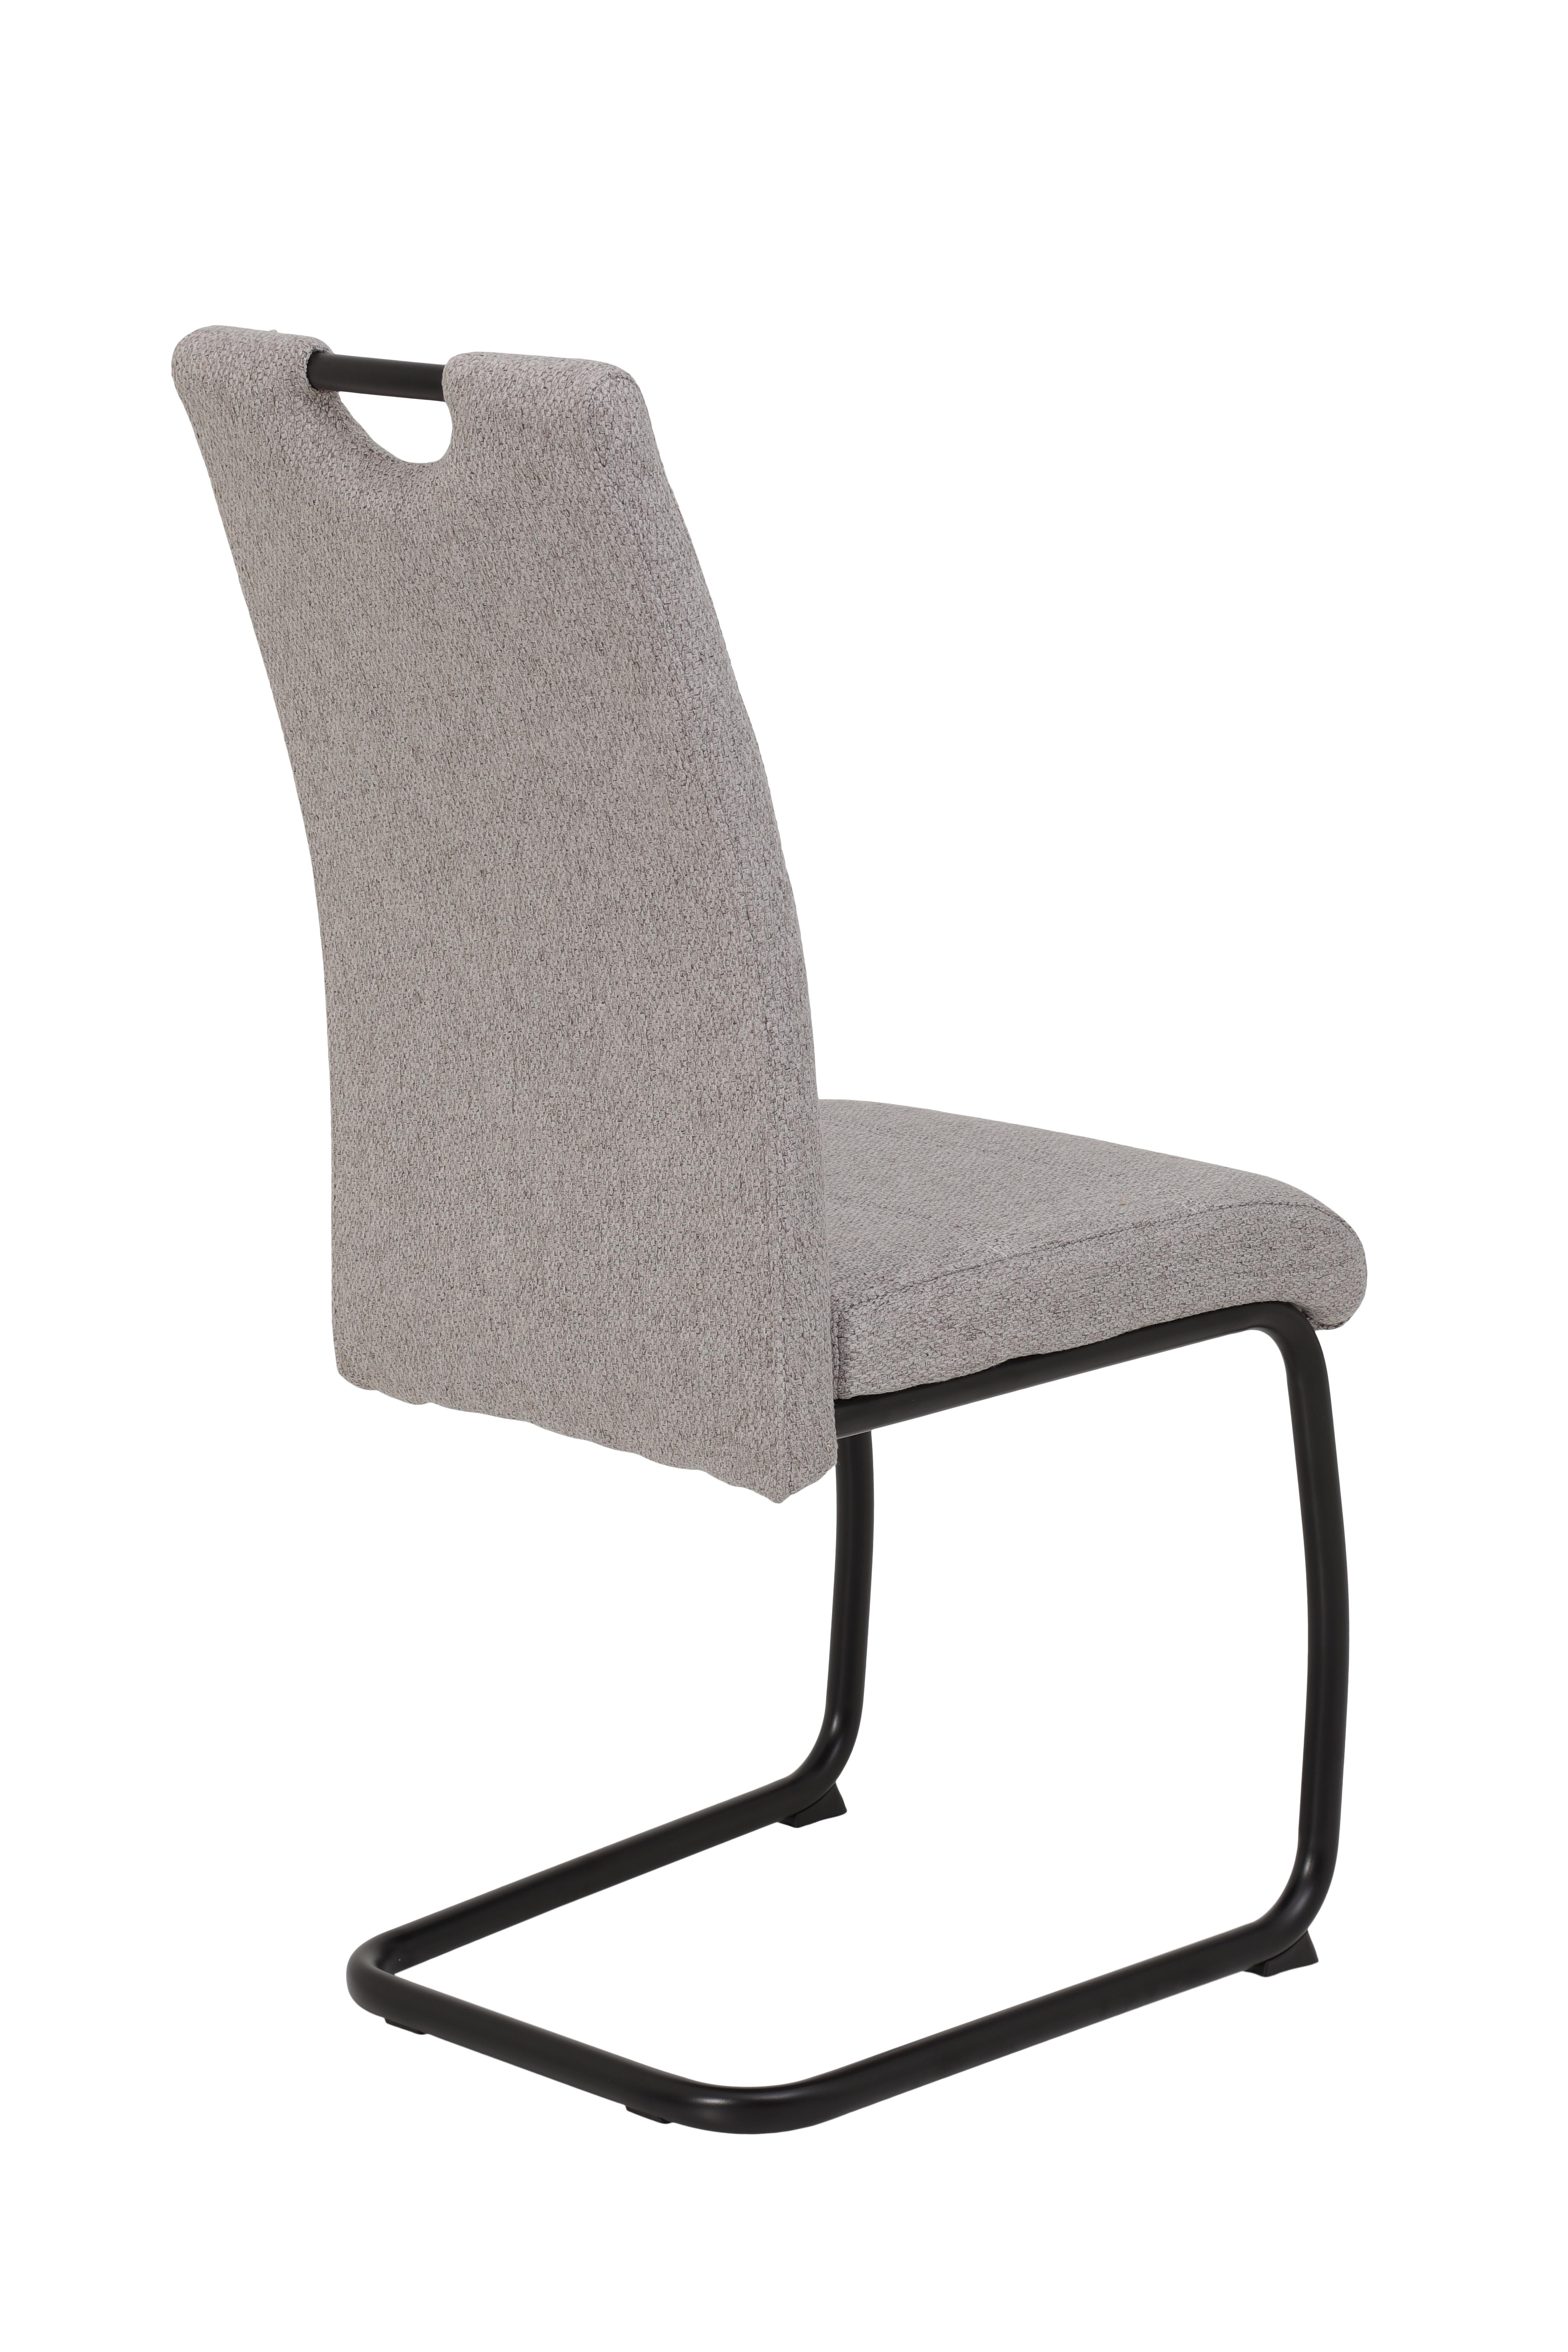 6 Freischwinger=Set Schwinger Stuhl Esszimmerstuhl Flora III 52 Webstoff Grau